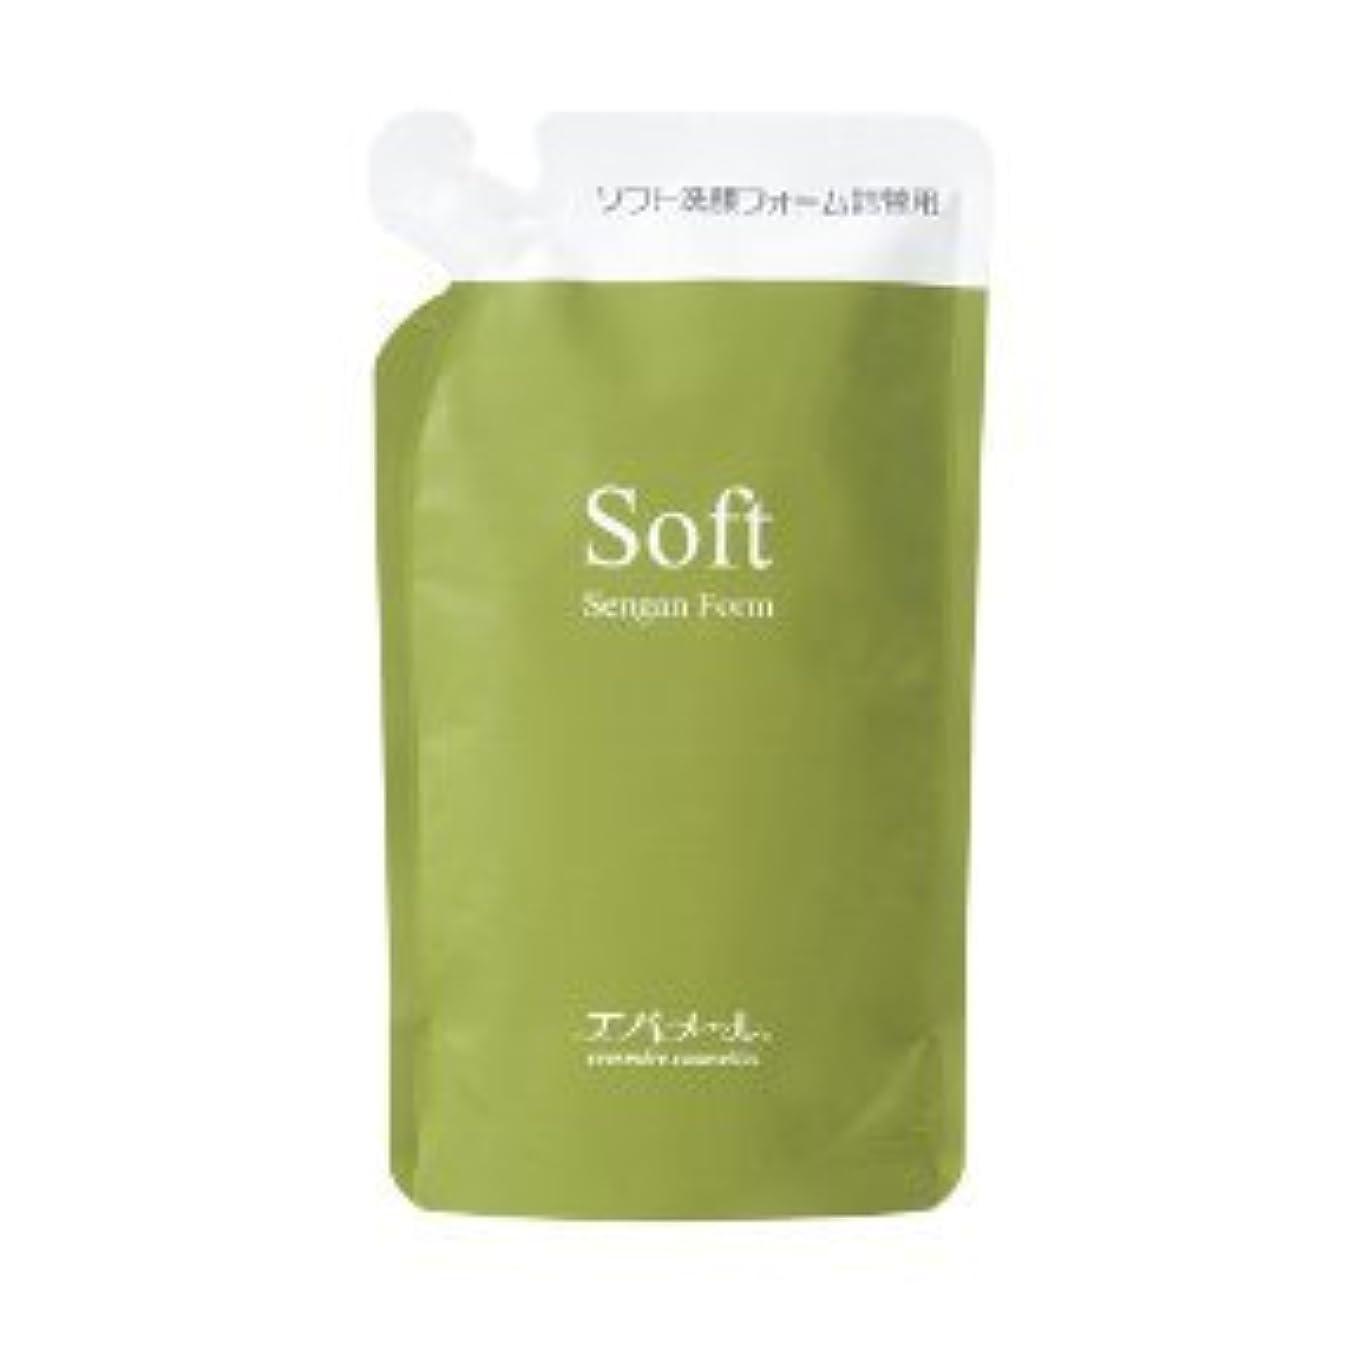 エバメール ソフト洗顔フォーム 200ml レフィル